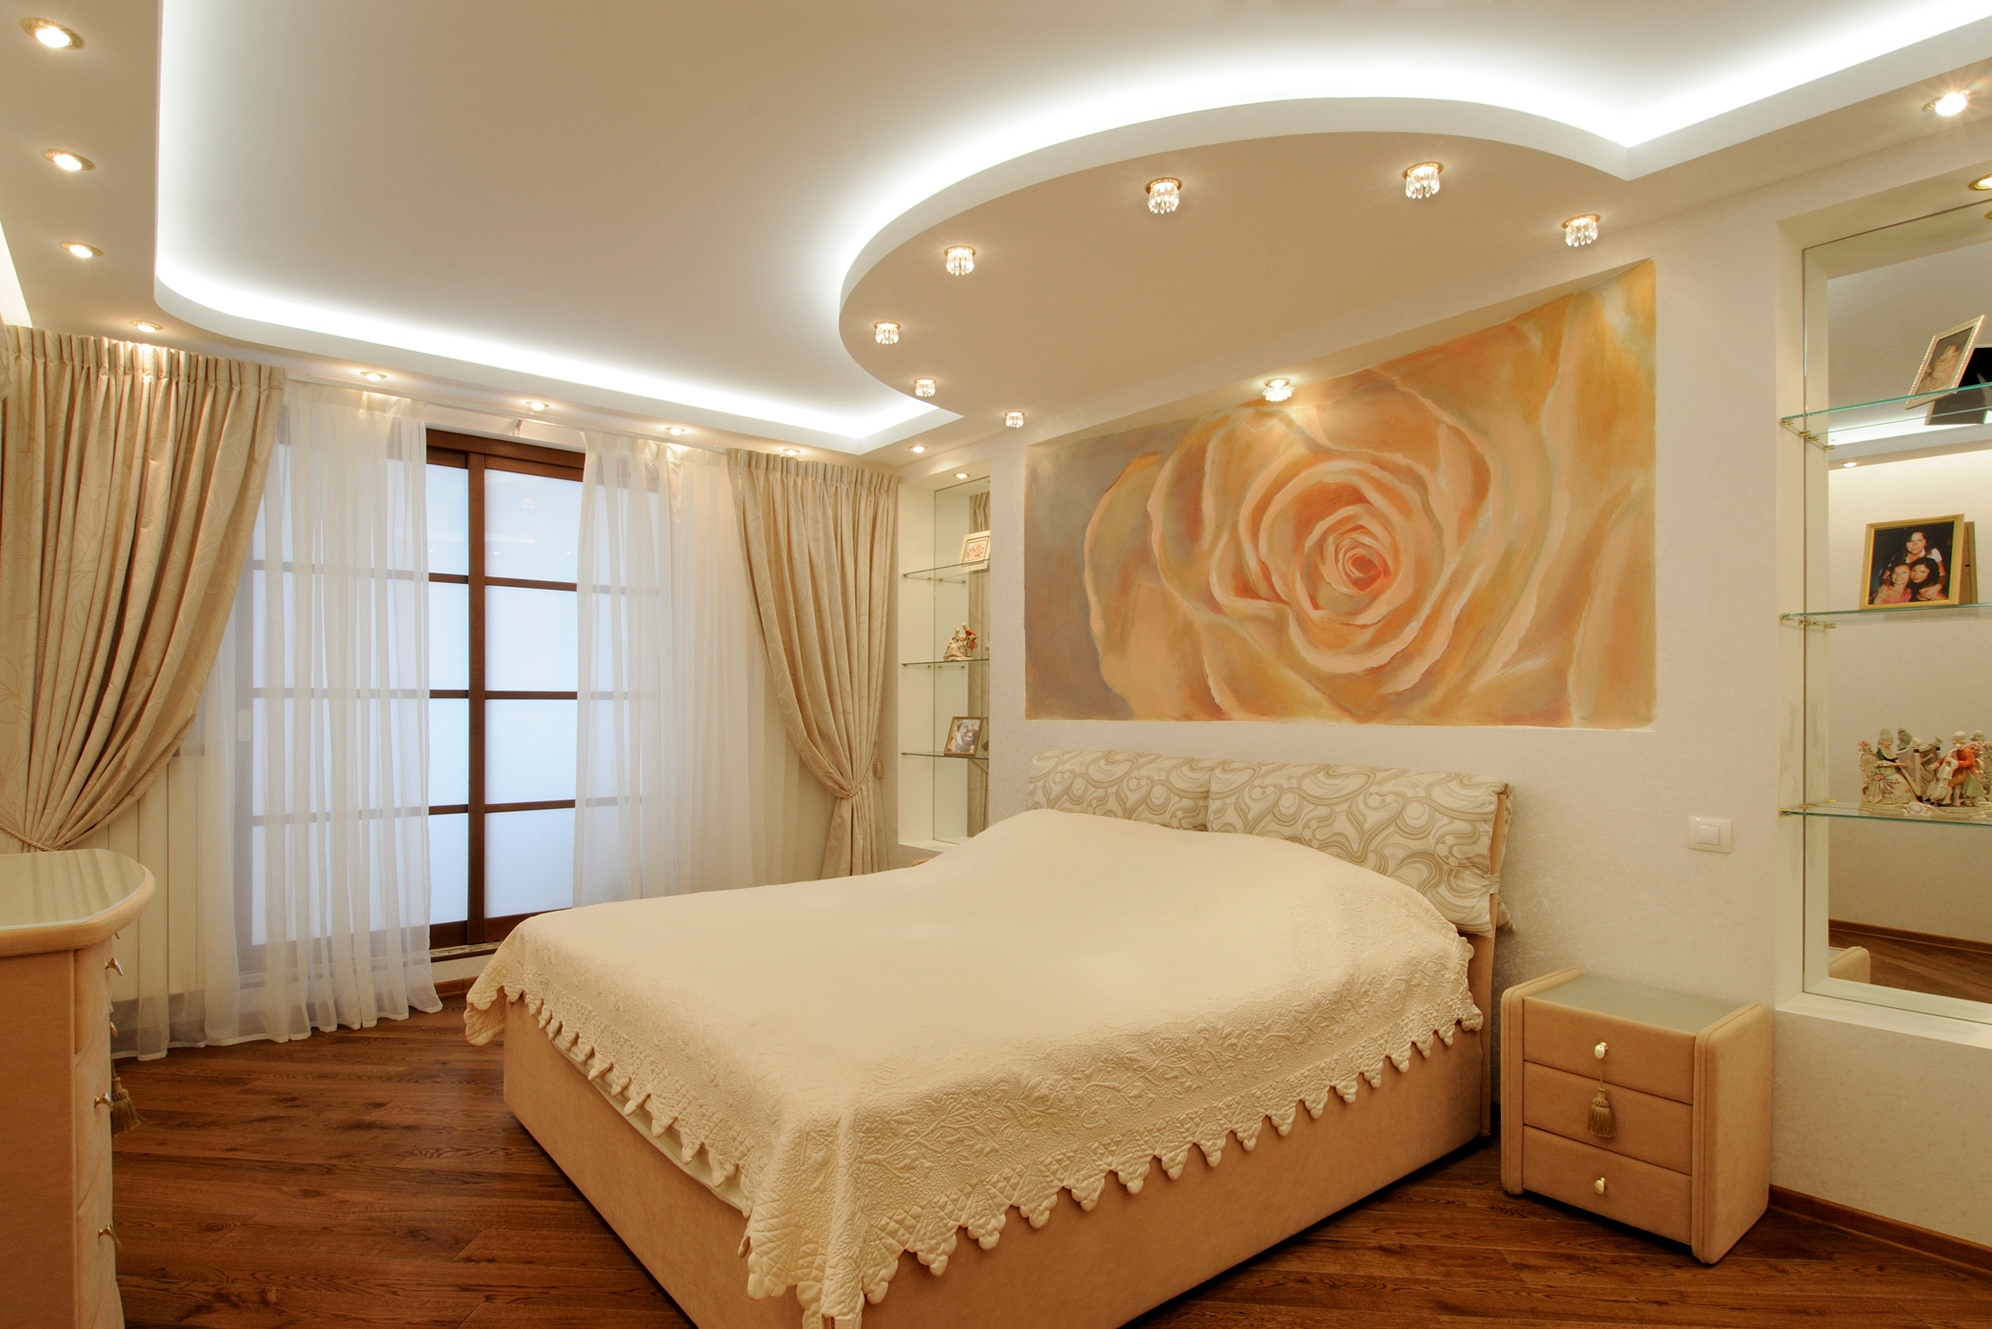 Дизайн потолков в спальне из гипсокартона